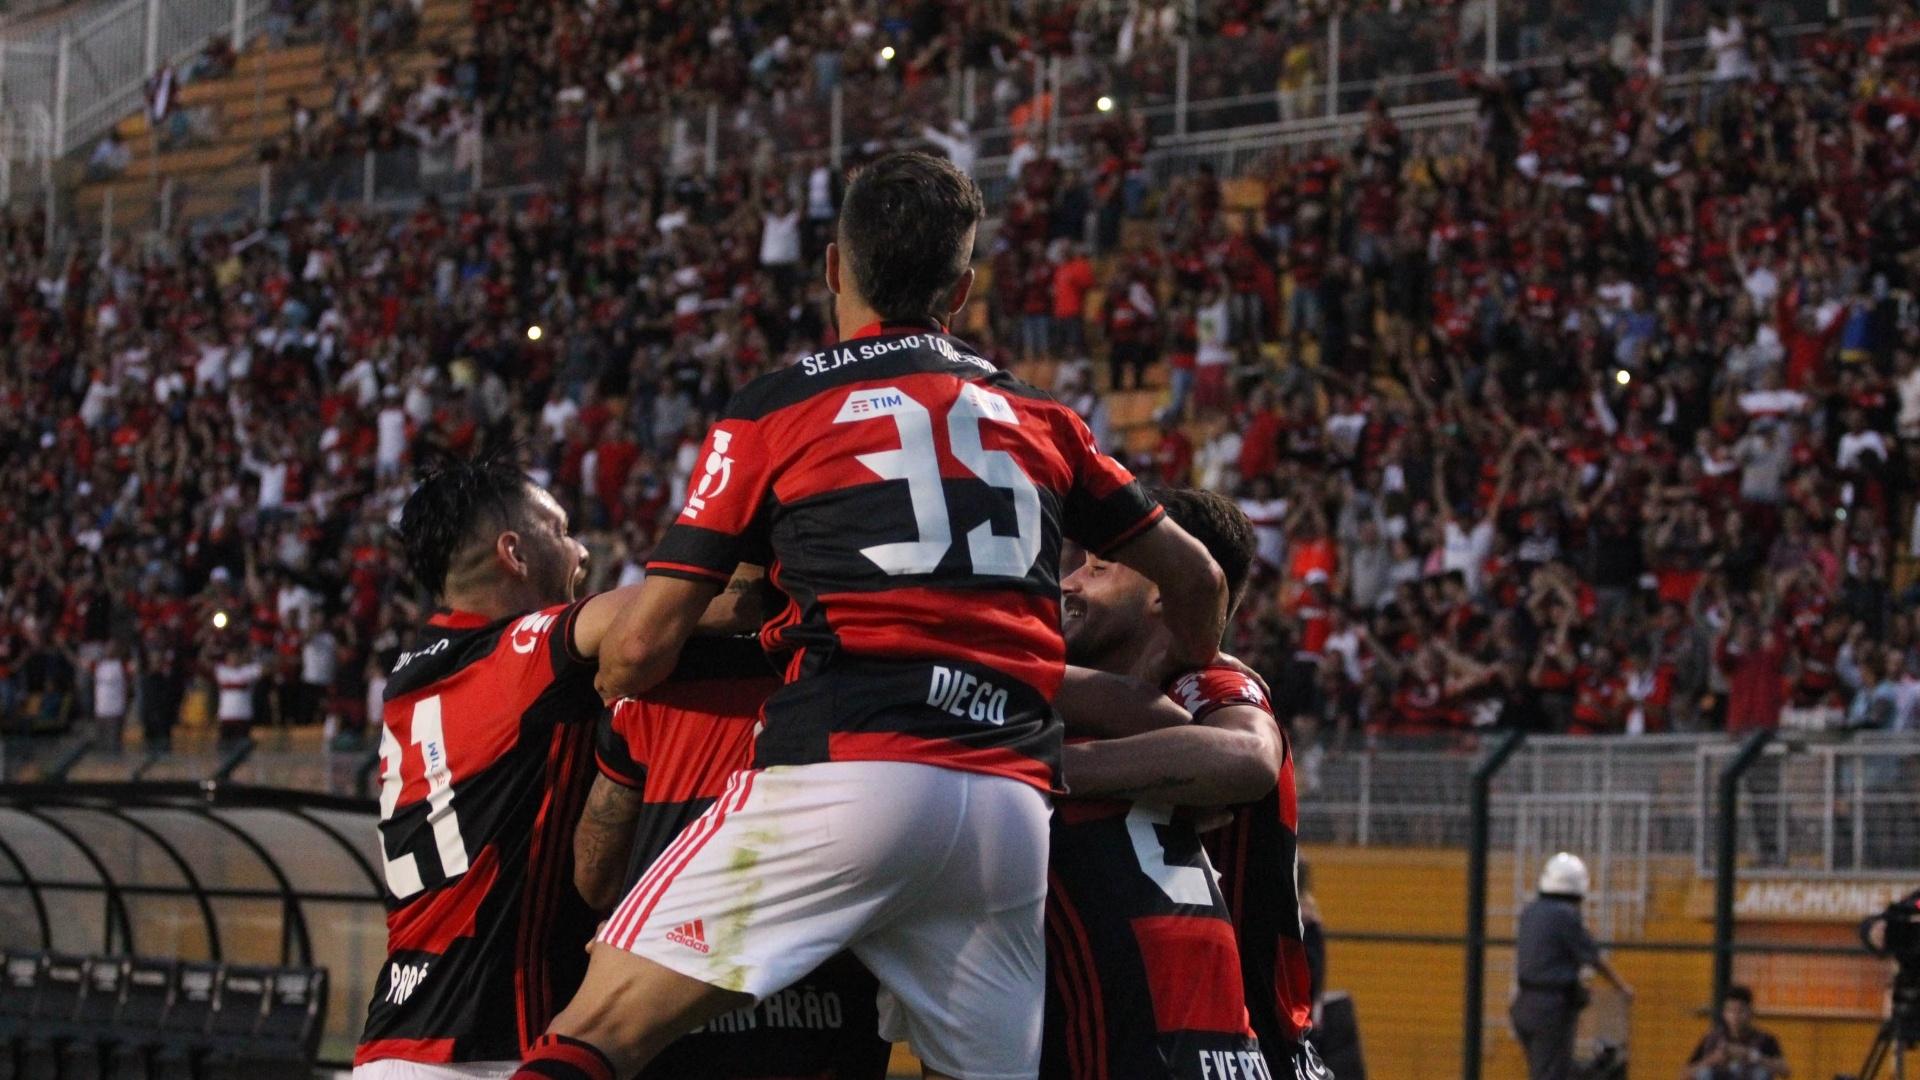 Os jogadores do Flamengo comemoram a vitória sobre o Santa Cruz no Pacaembu